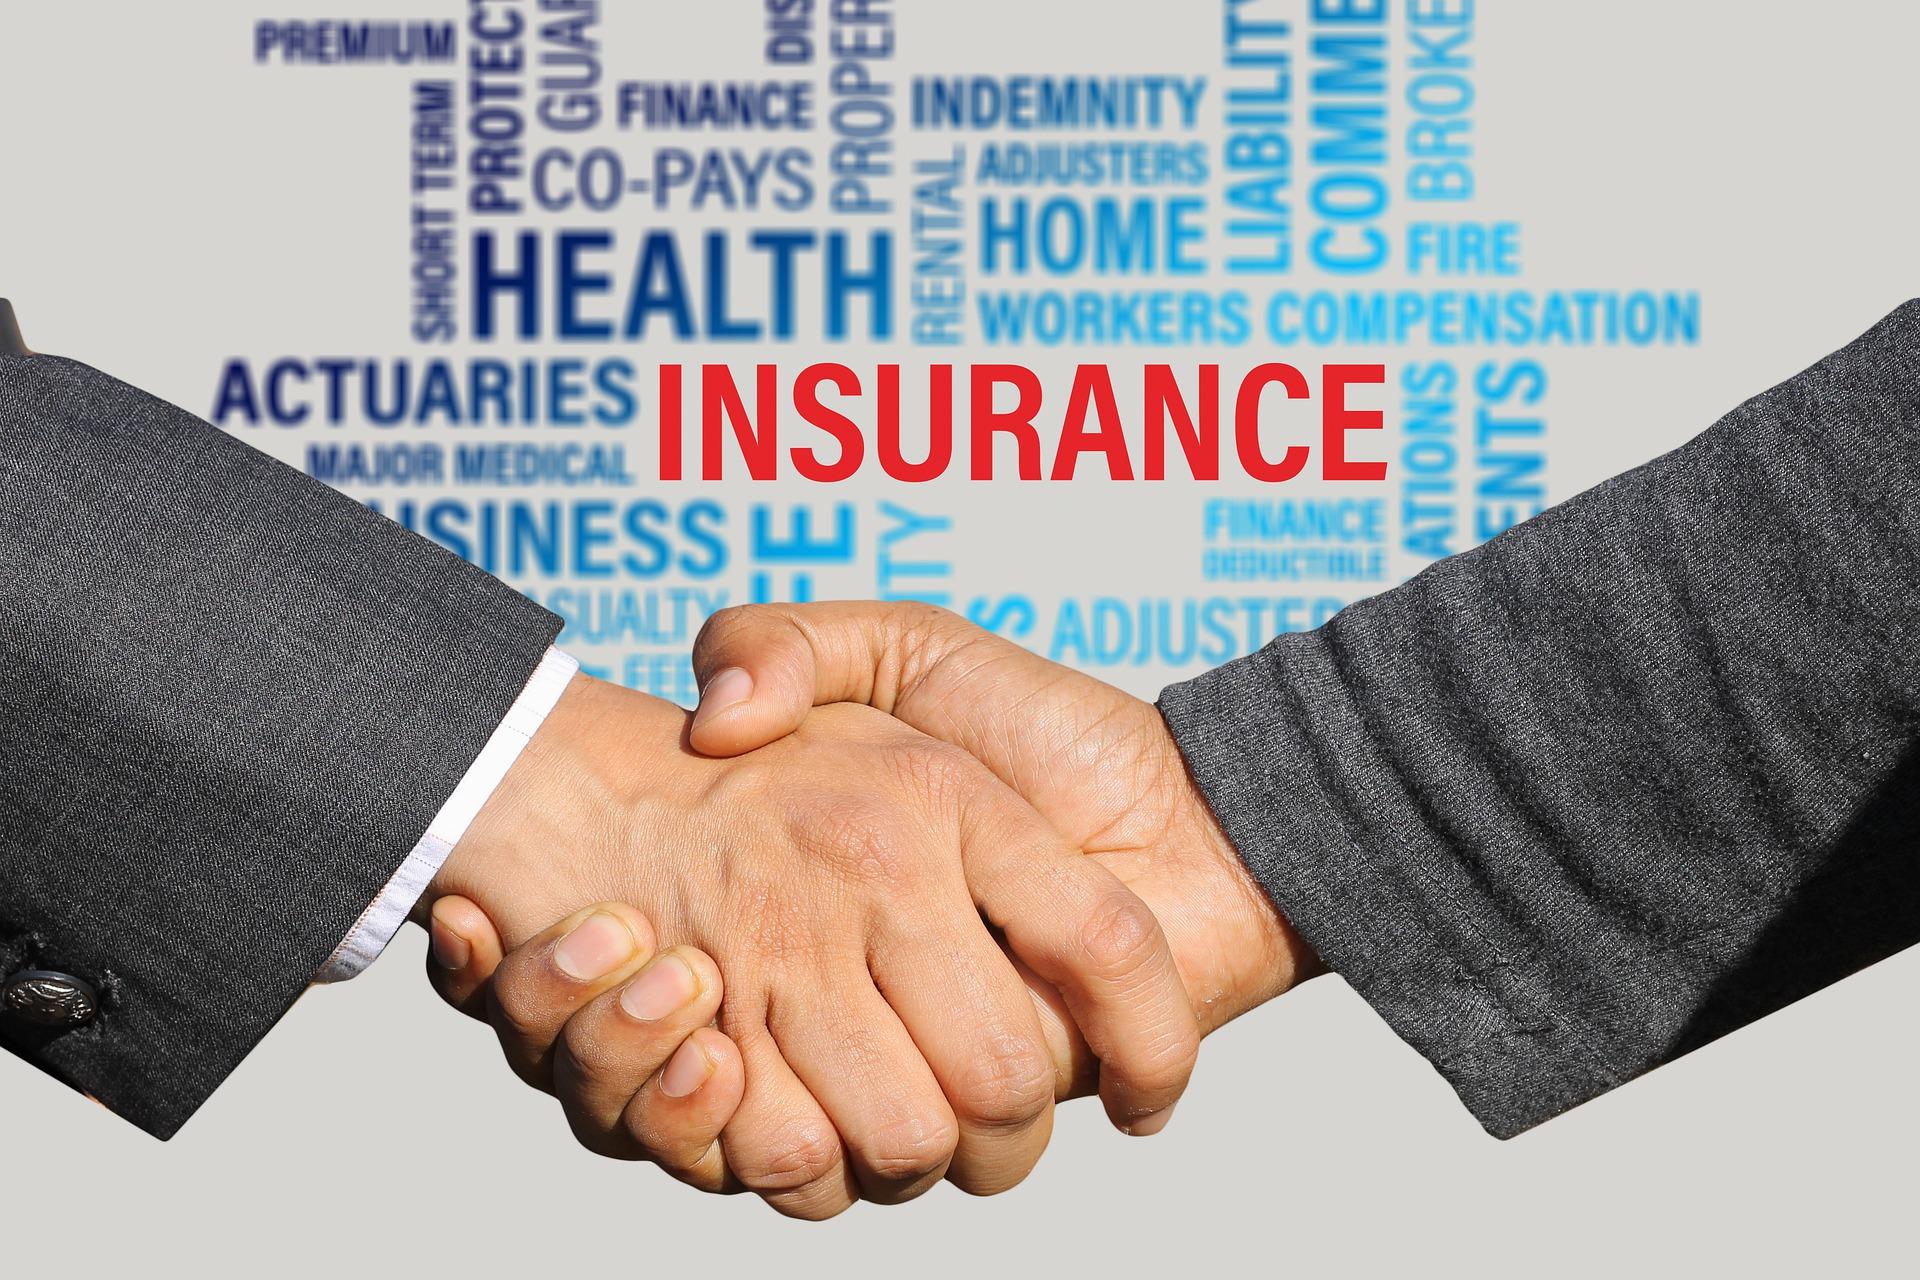 入る必要無し!貯蓄型保険と医療保険の契約を解除した話